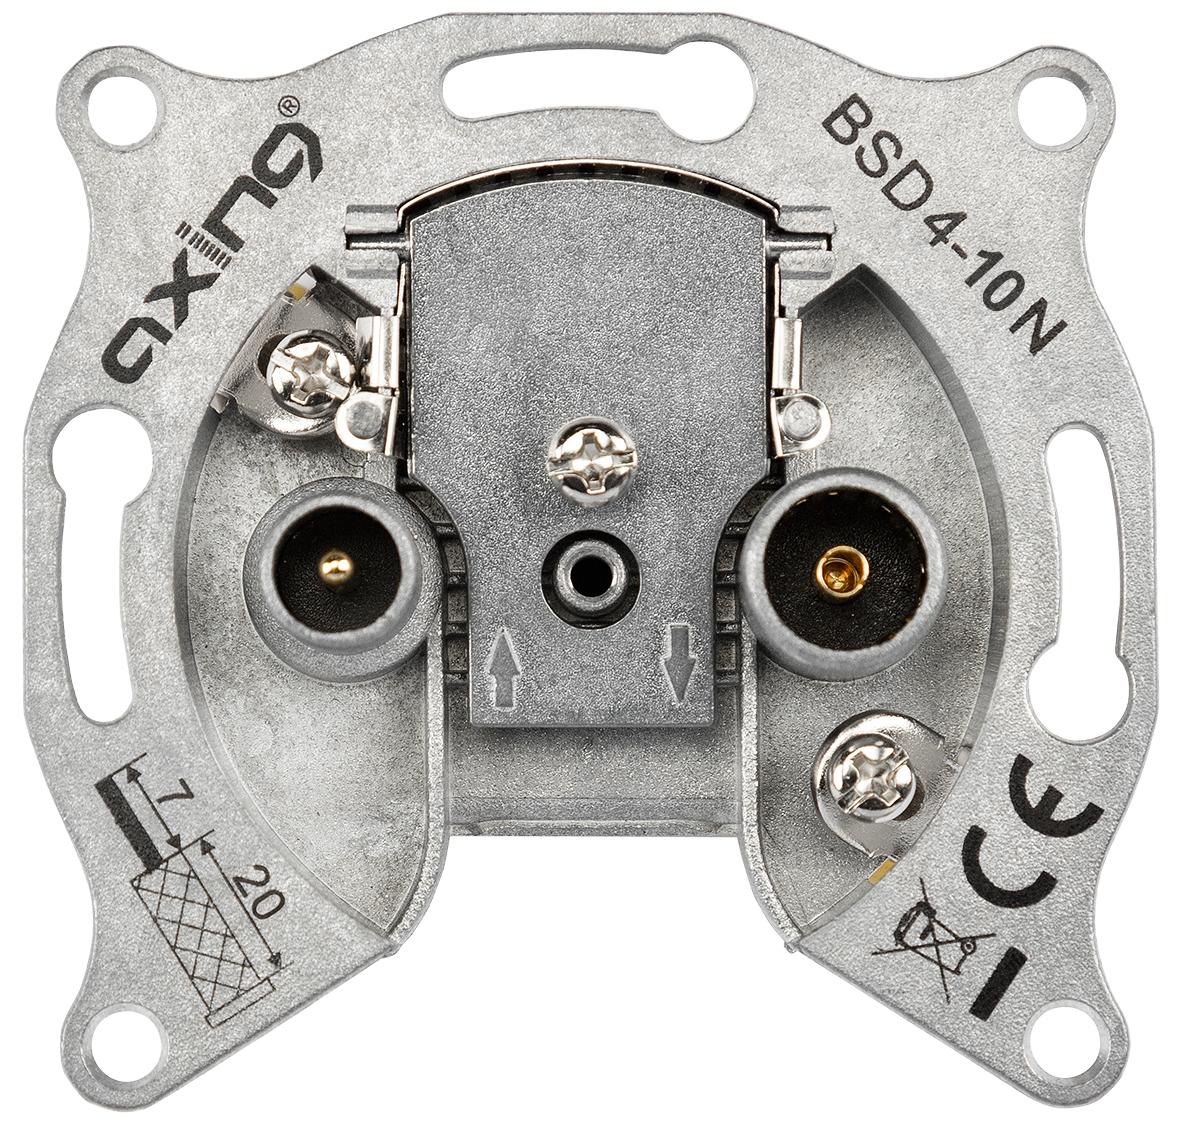 1 Stk BK Durchgangsdose 2-Loch,Radio/CATV, 10dB, o.Rahmen,BSD 4-10 HSBKDDA10-